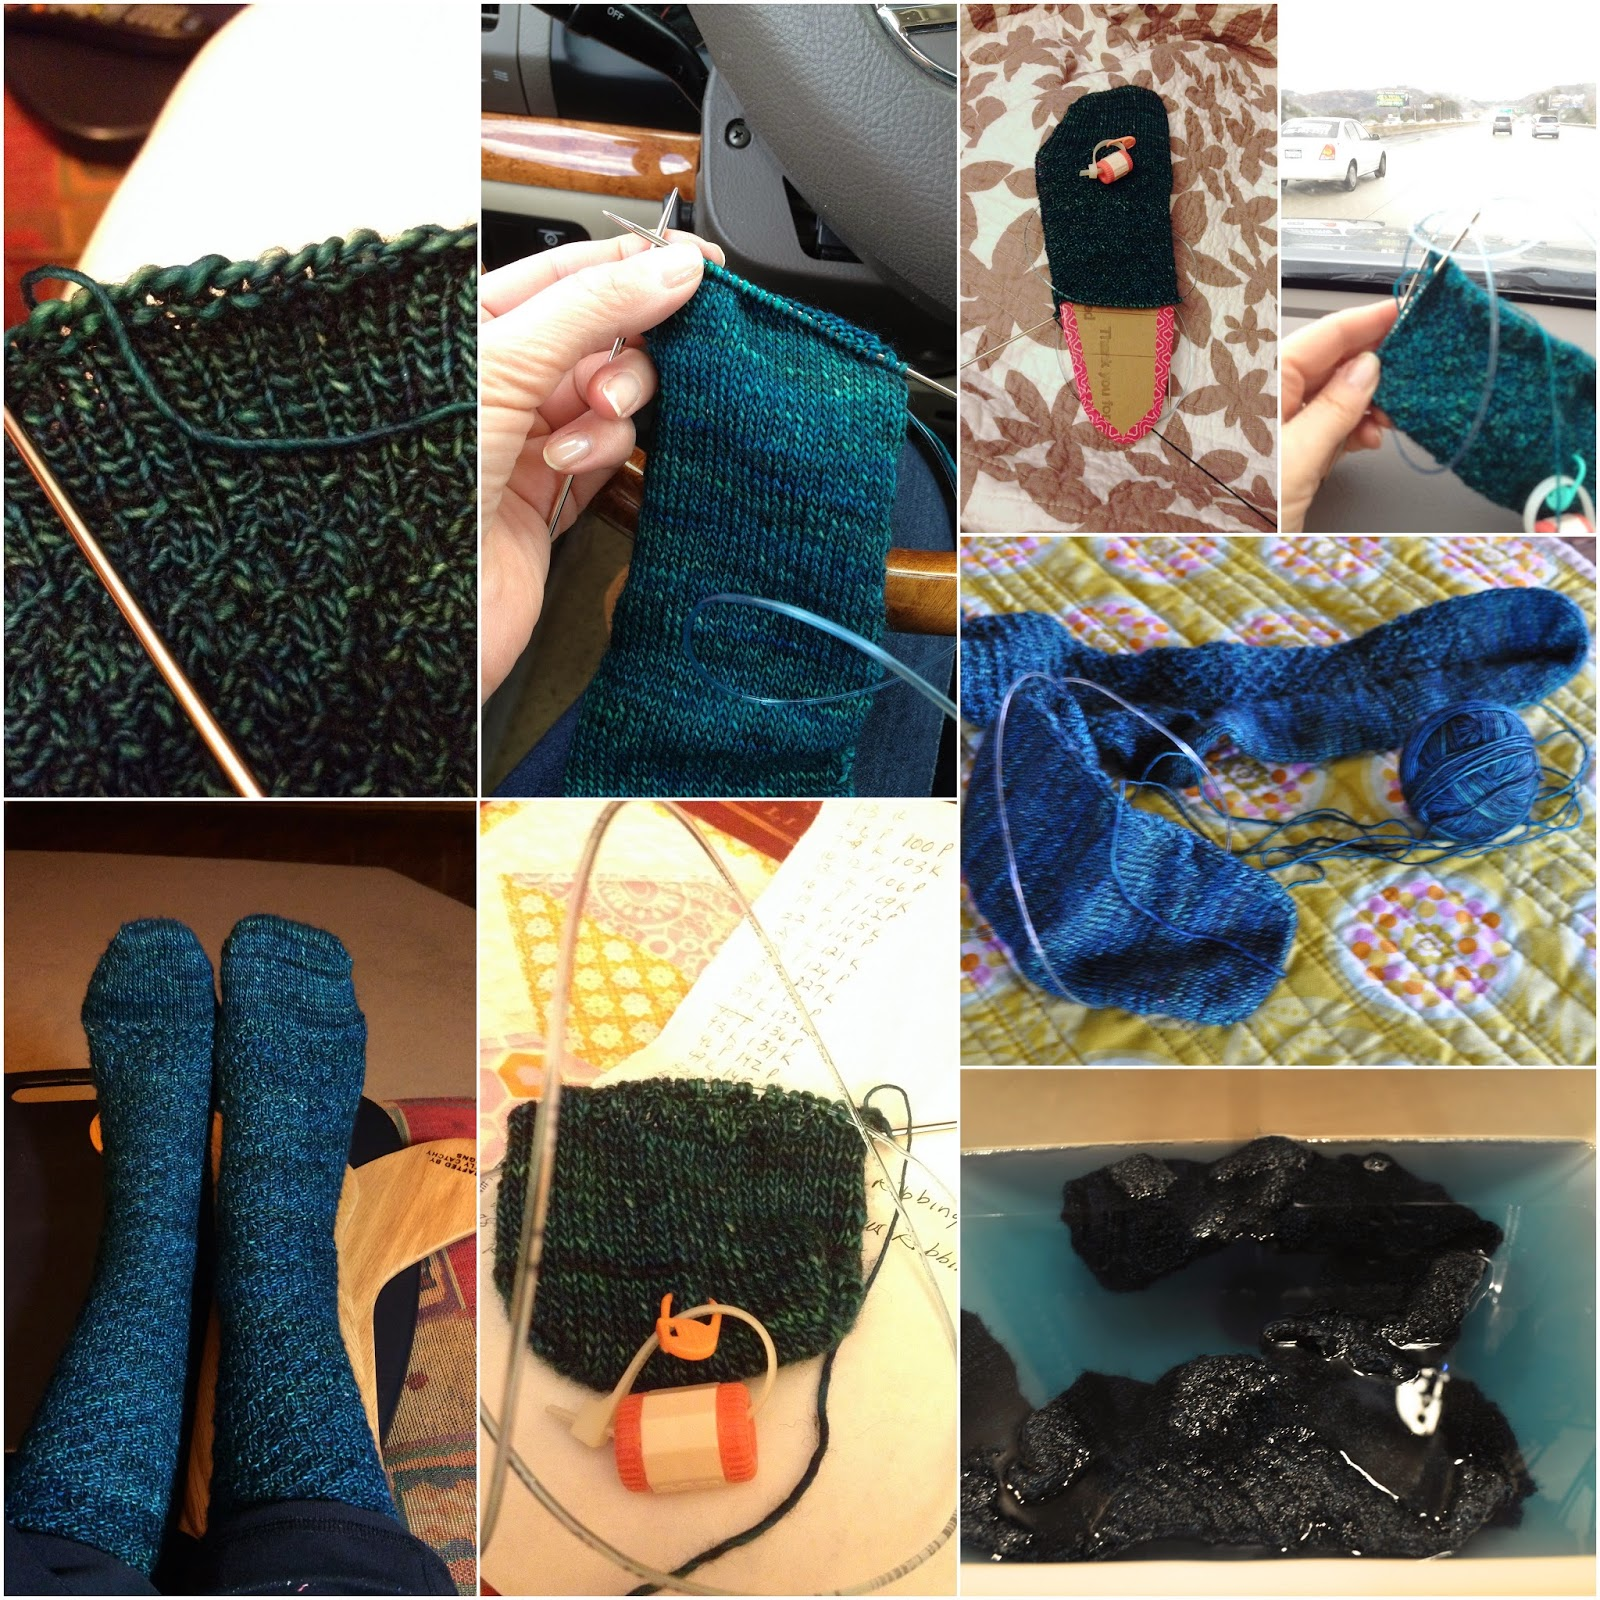 madelinetosh knit socks